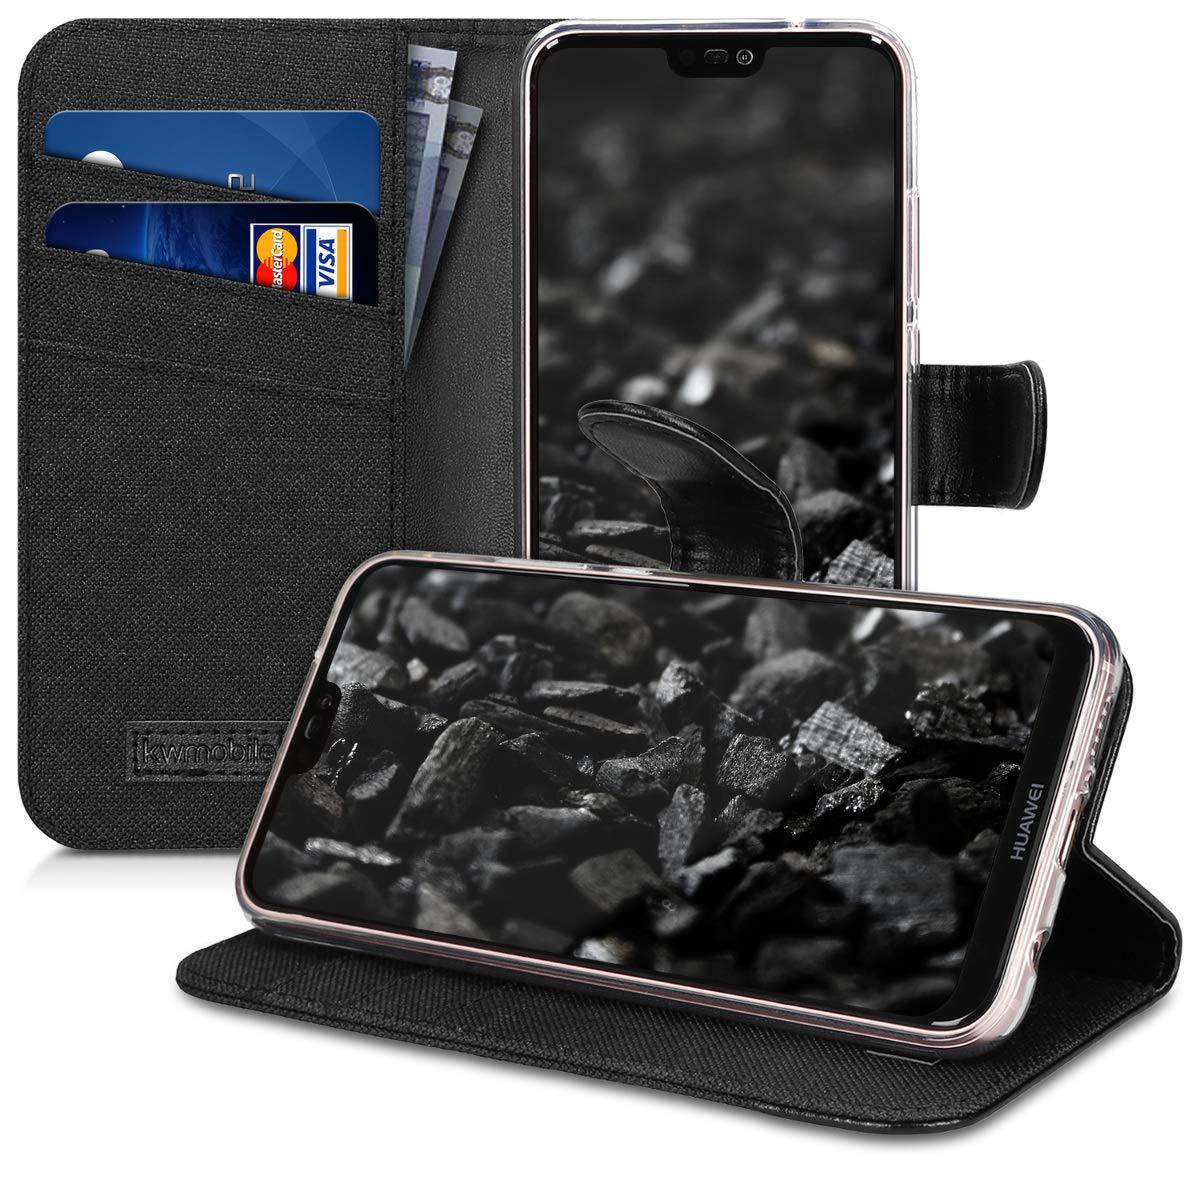 kwmobile H/ülle f/ür Huawei P20 Lite Handycover Klapph/ülle mit Kartenfach und St/änder Pusteblume Love Design Schwarz Wei/ß Wallet Case Handy Schutzh/ülle Kunstleder